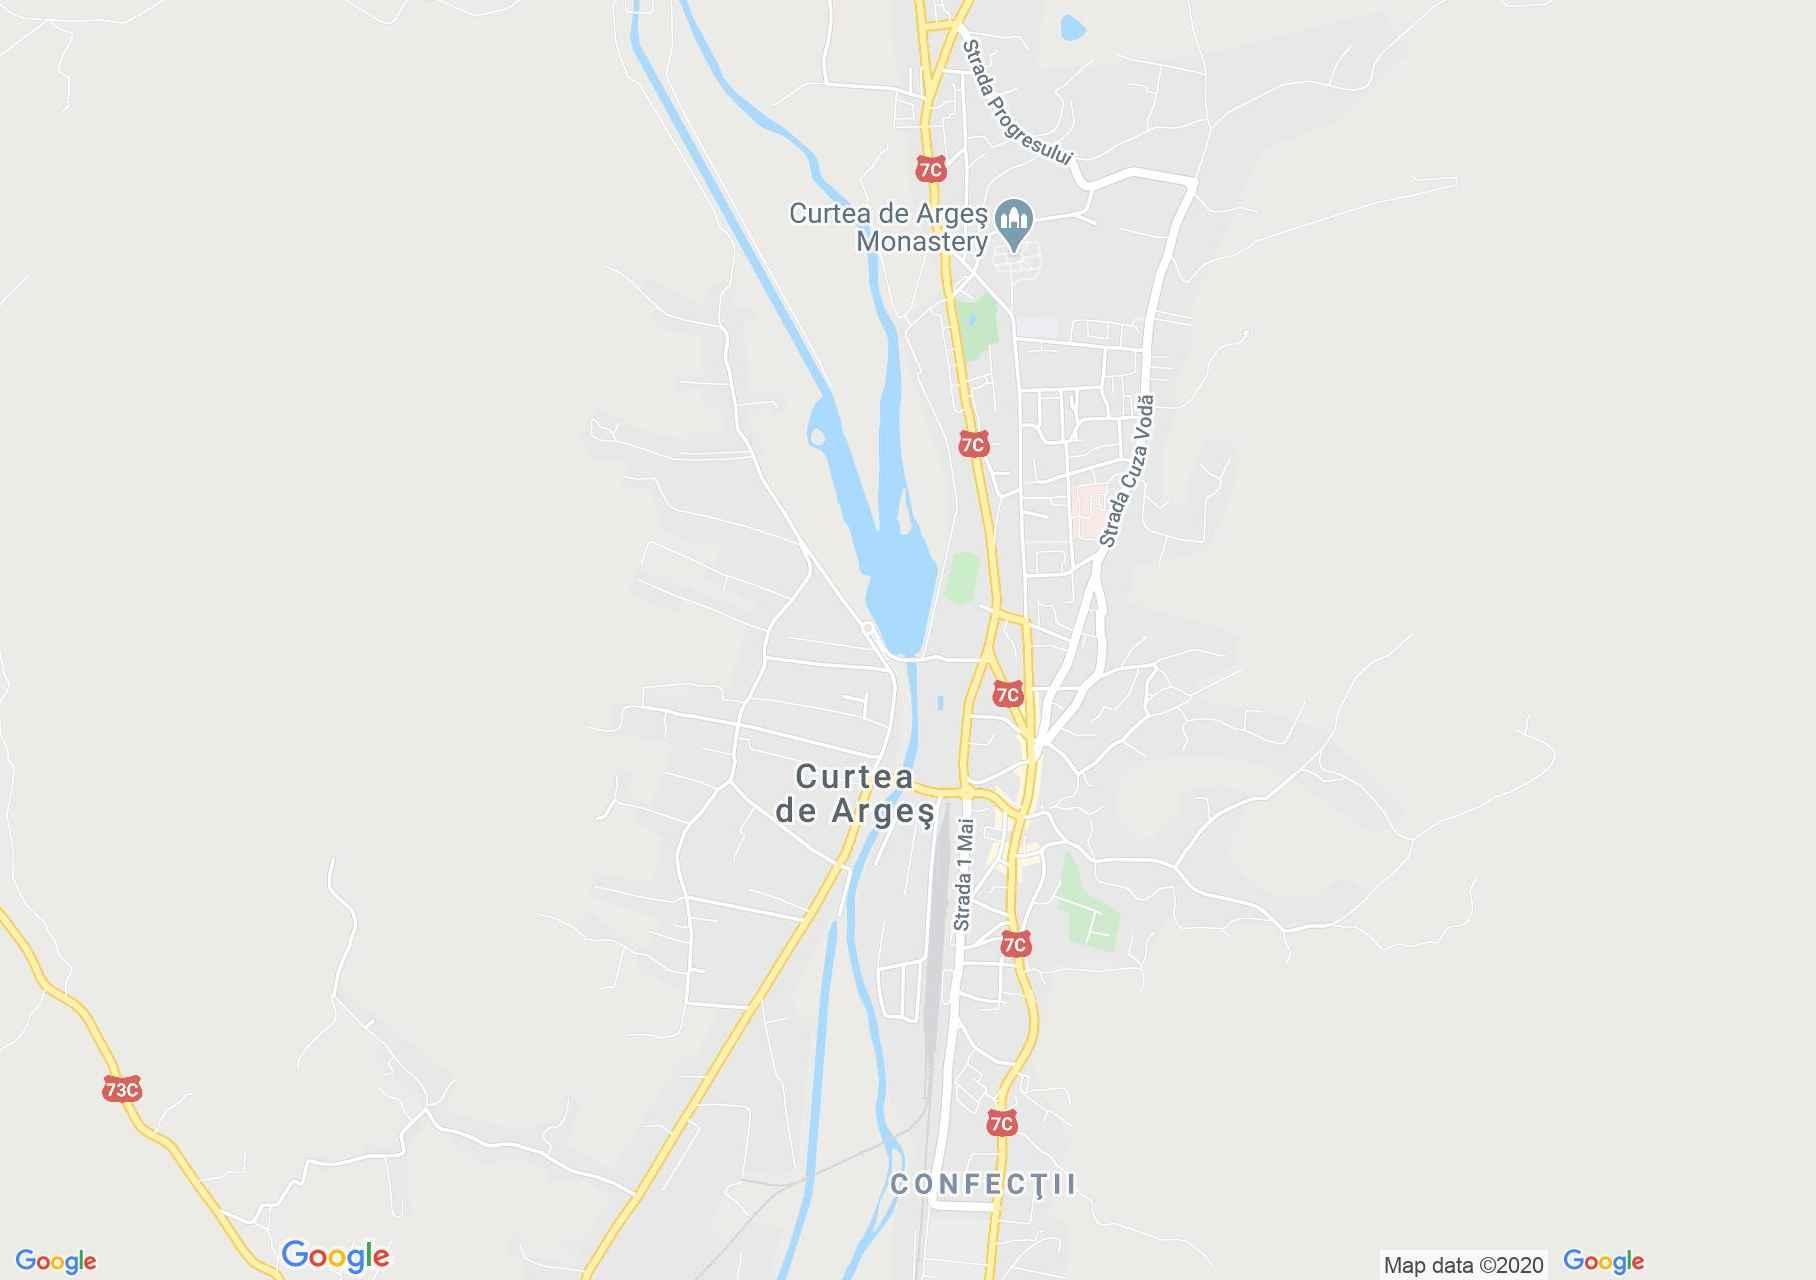 Curtea de Argeş, Interactive tourist map